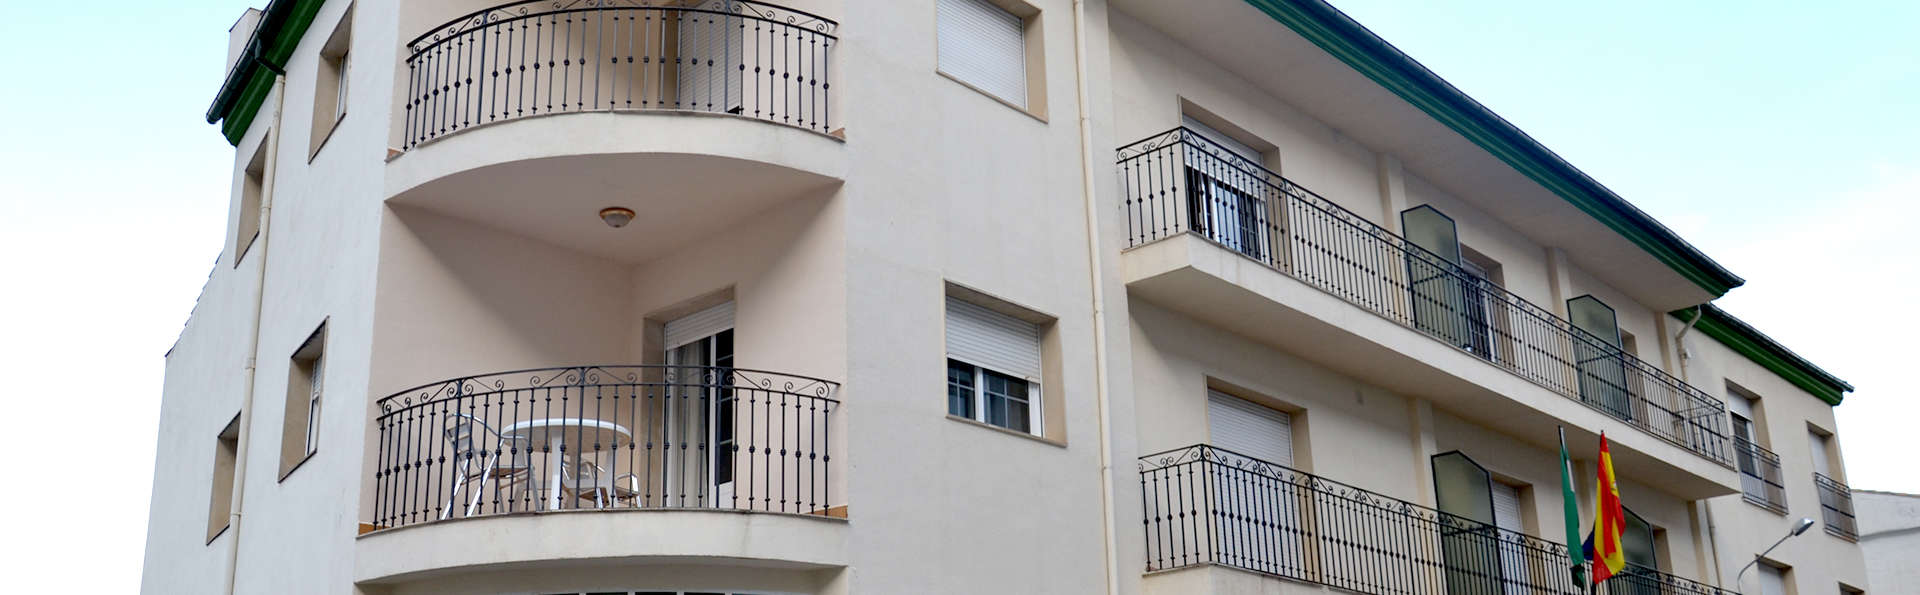 Balcón de Cazorla - Edit_Front.jpg